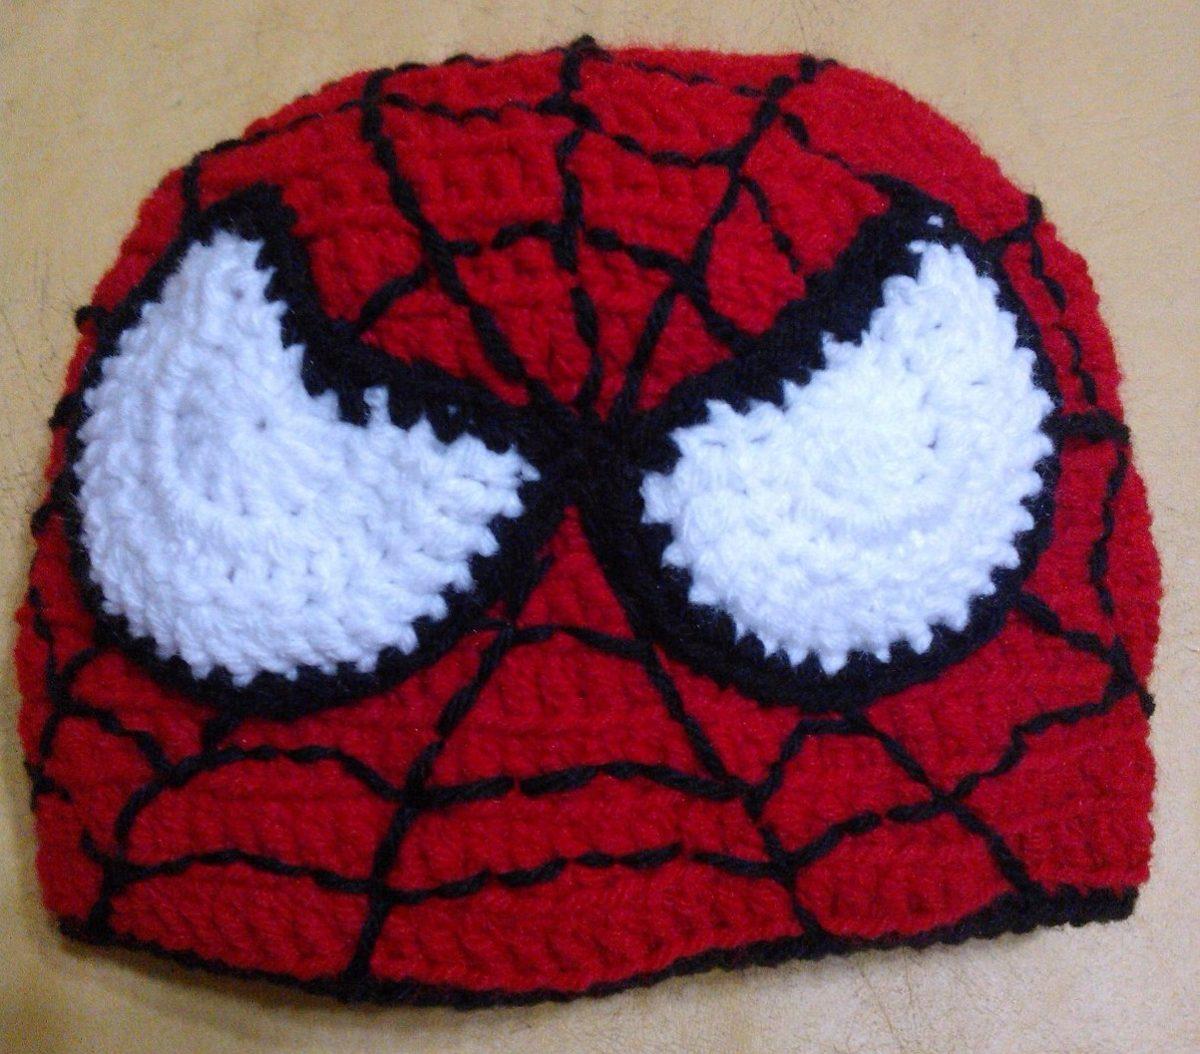 Gorro Tejido Crochet Spider Man - Ropa y Accesorios en Mercado Libre ...